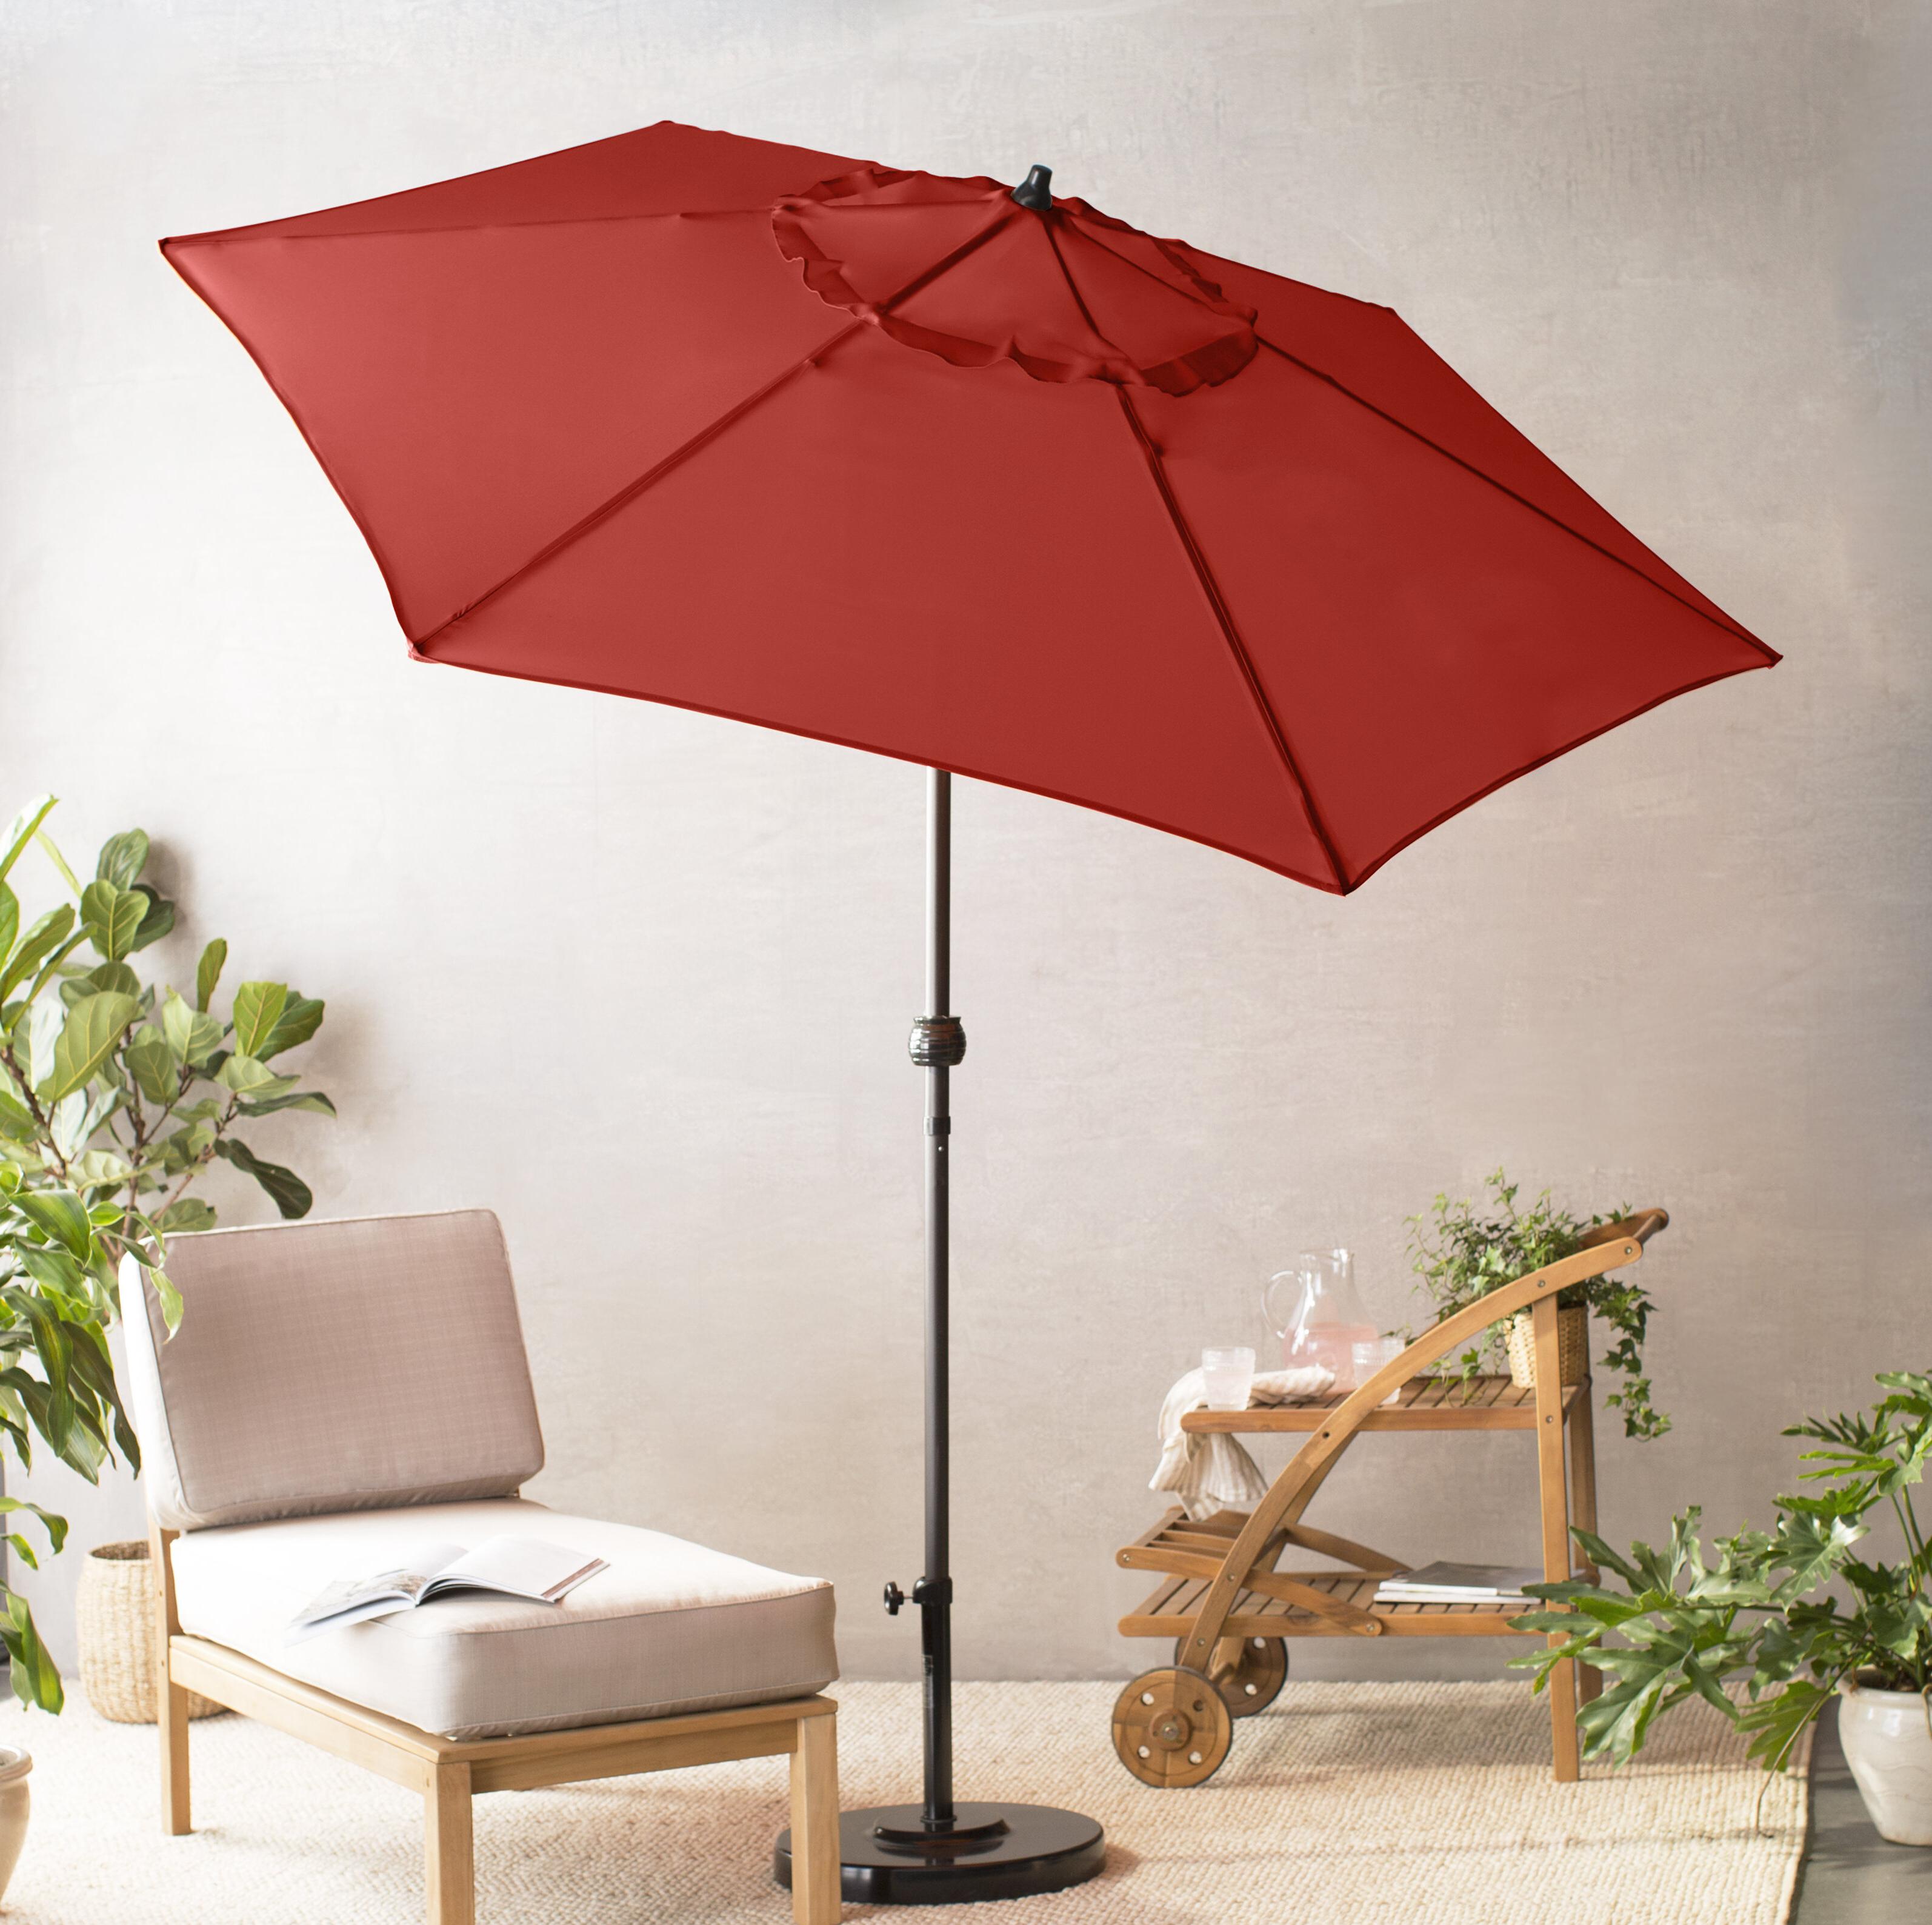 Kearney 9' Market Umbrella In Widely Used Bradford Patio Market Umbrellas (View 13 of 20)